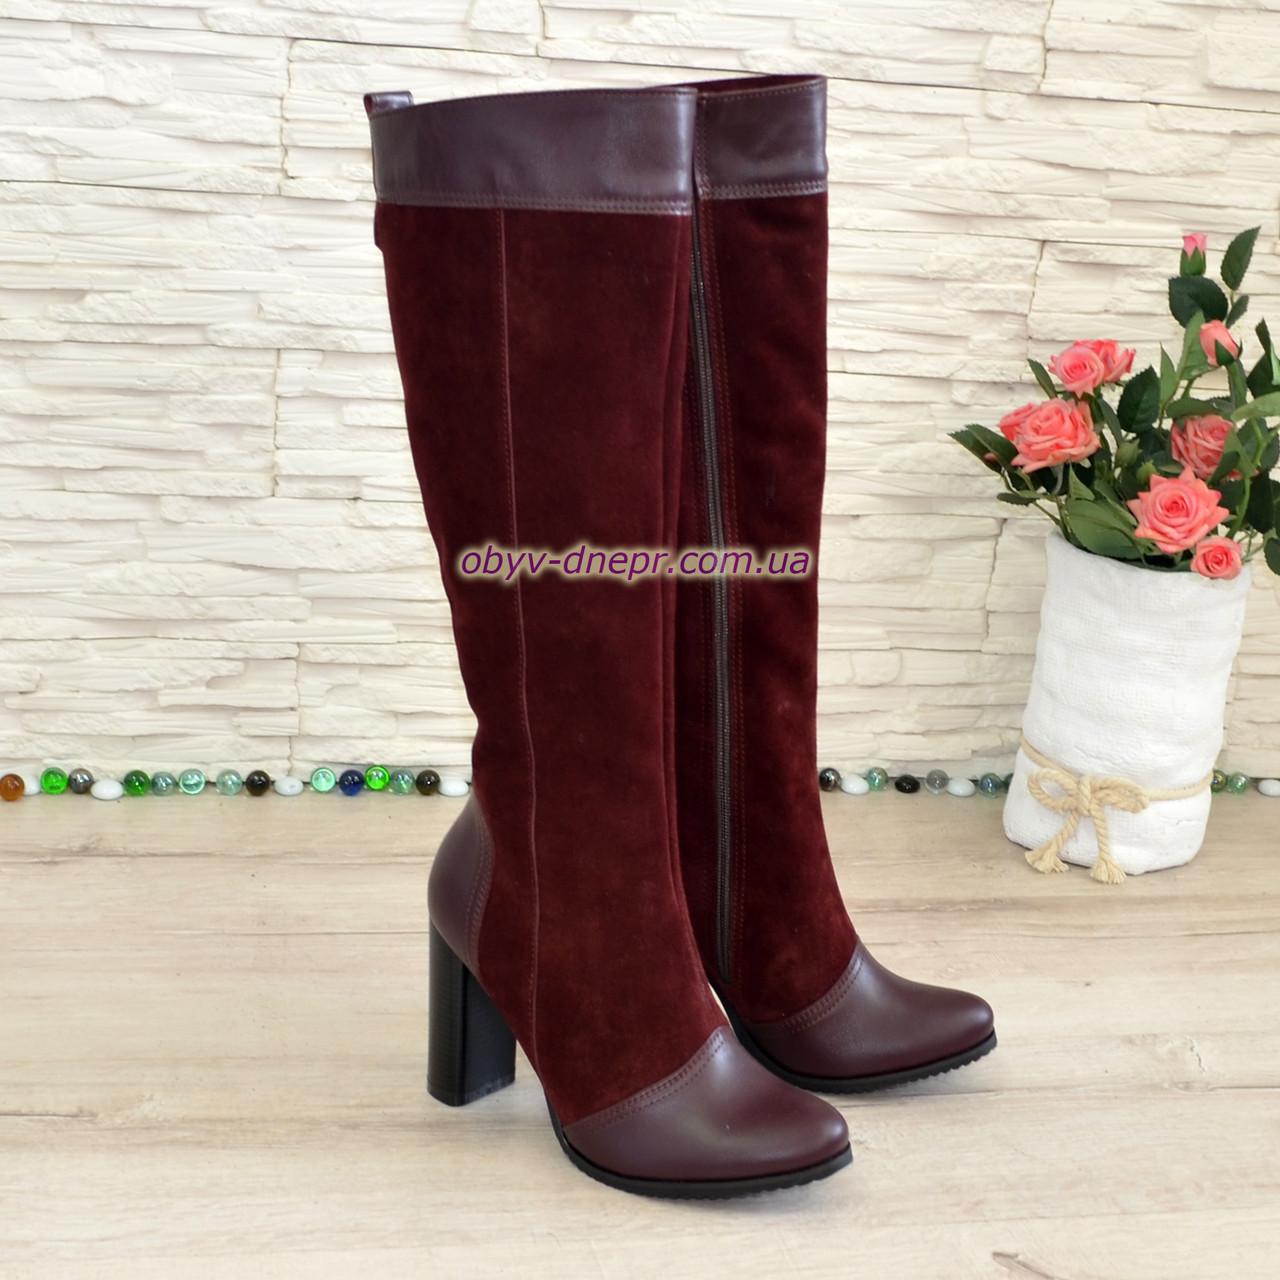 c6f7ad2ce04f Женские зимние сапоги из натуральной кожи и замши на высоком каблуке. 38  размер